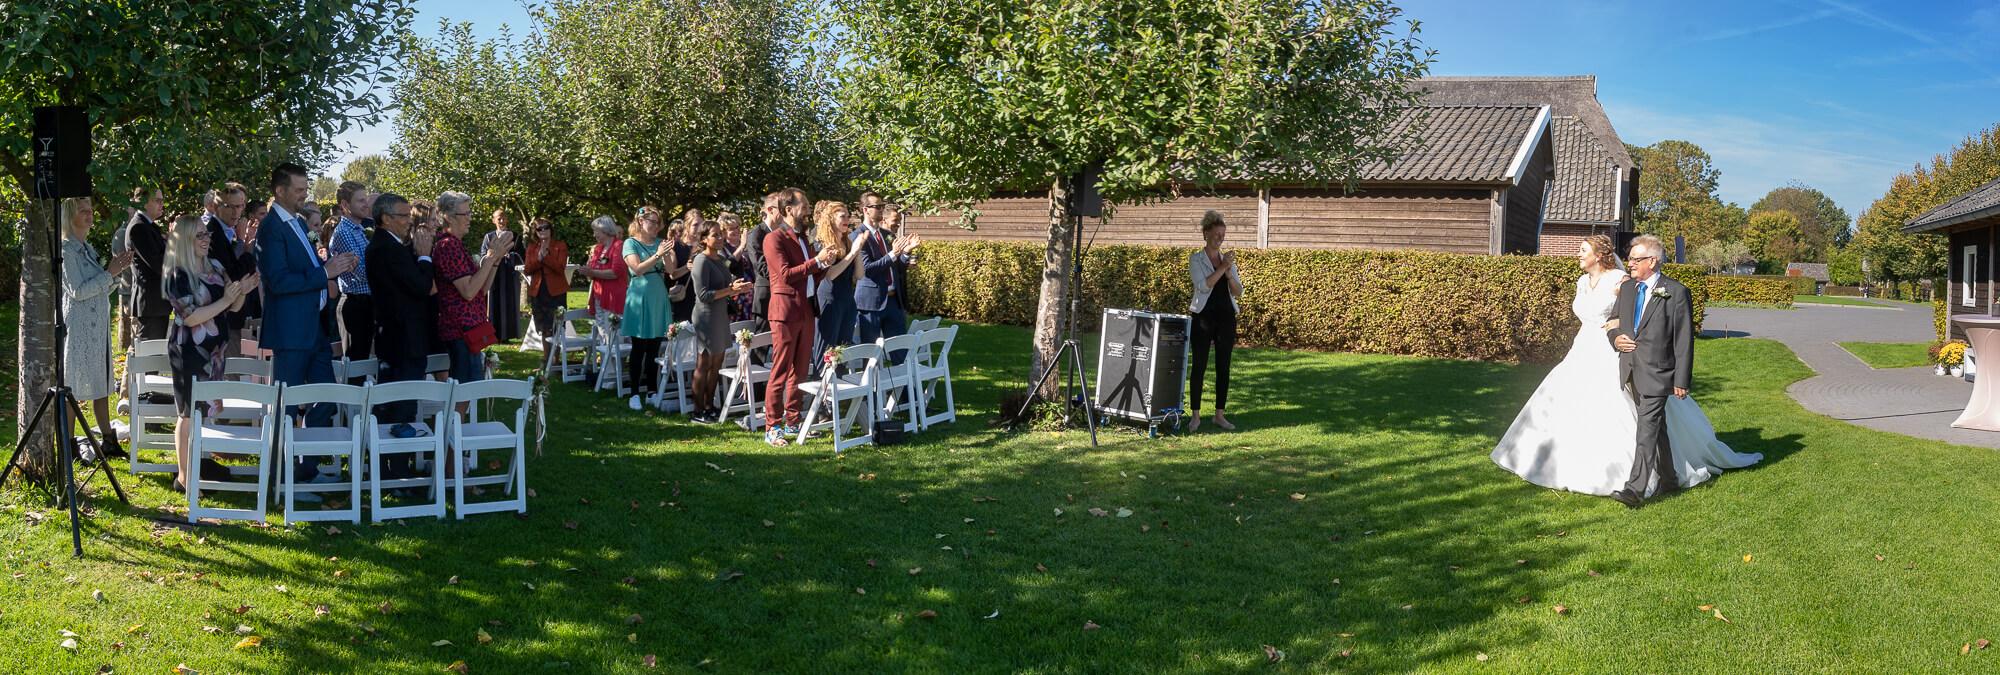 eerste dans trouwfeest